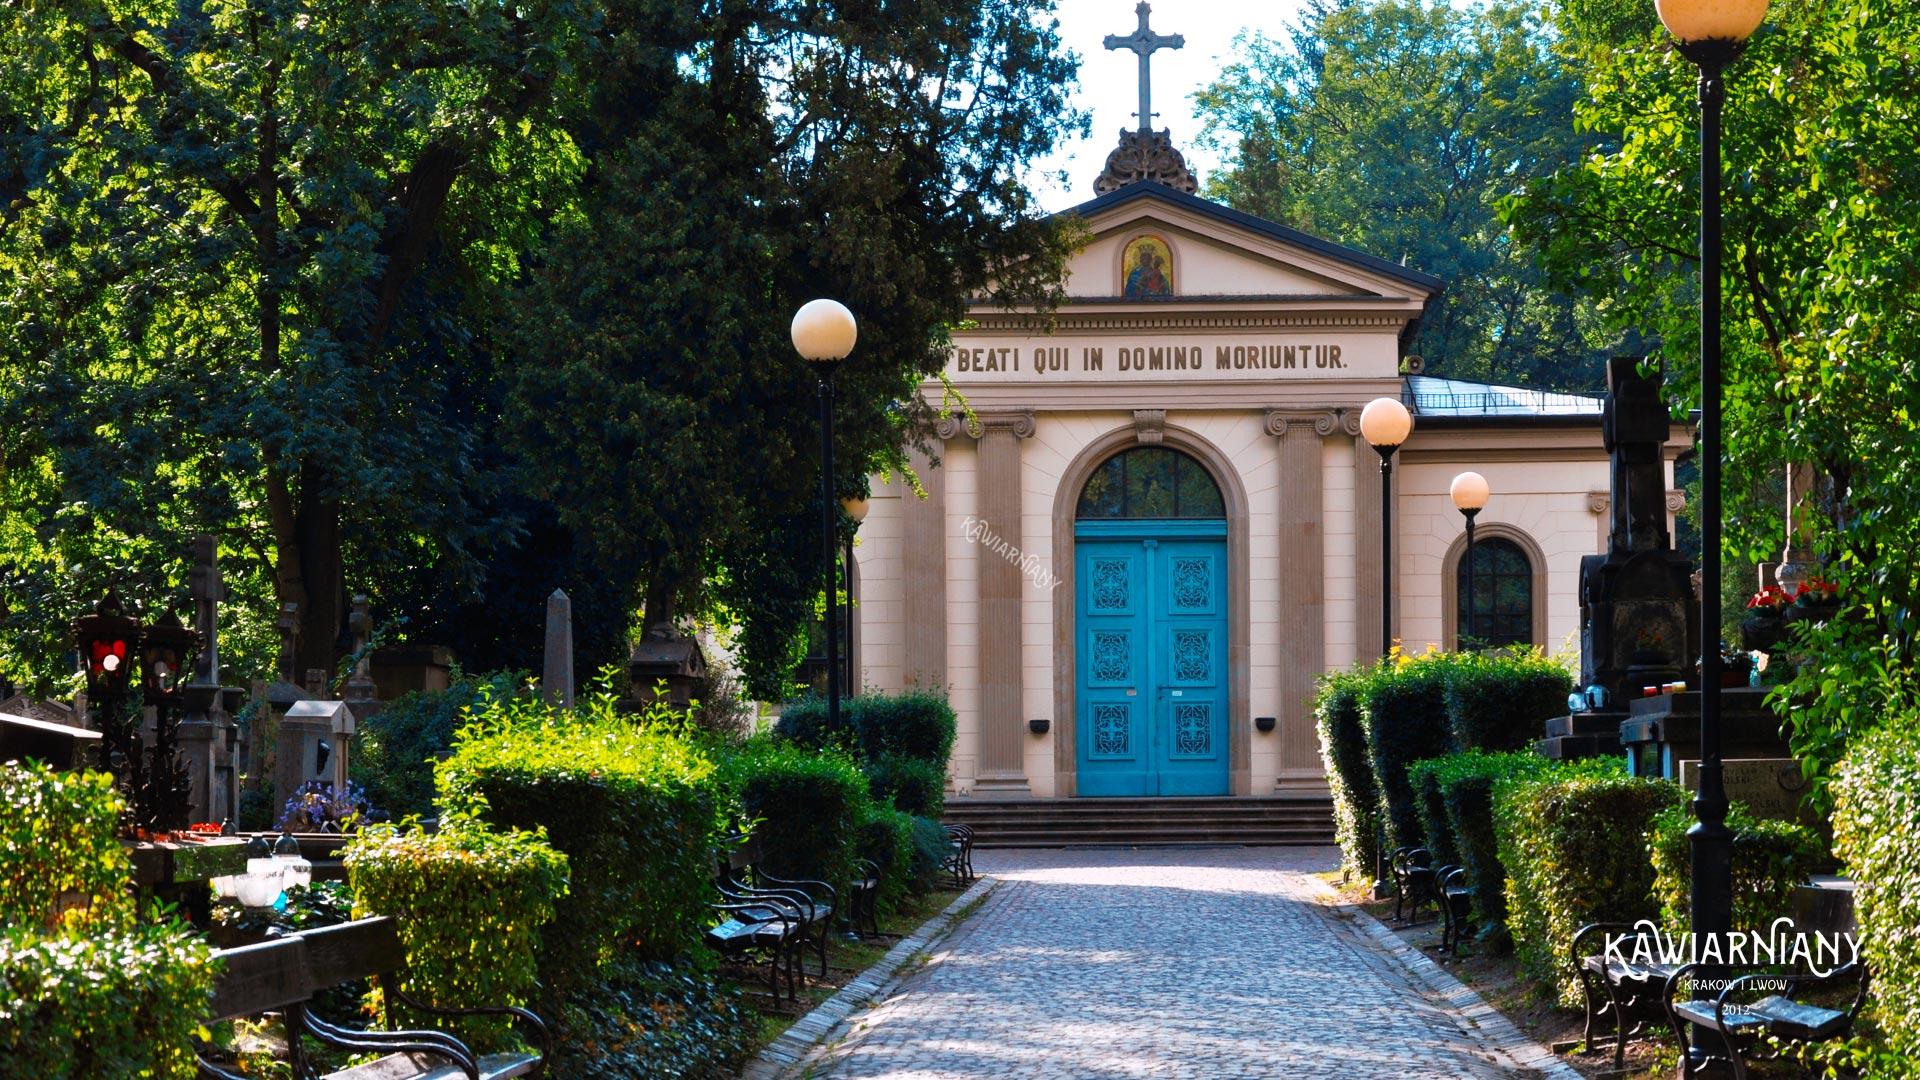 Który cmentarz w Krakowie jest największy? Który w Polsce?